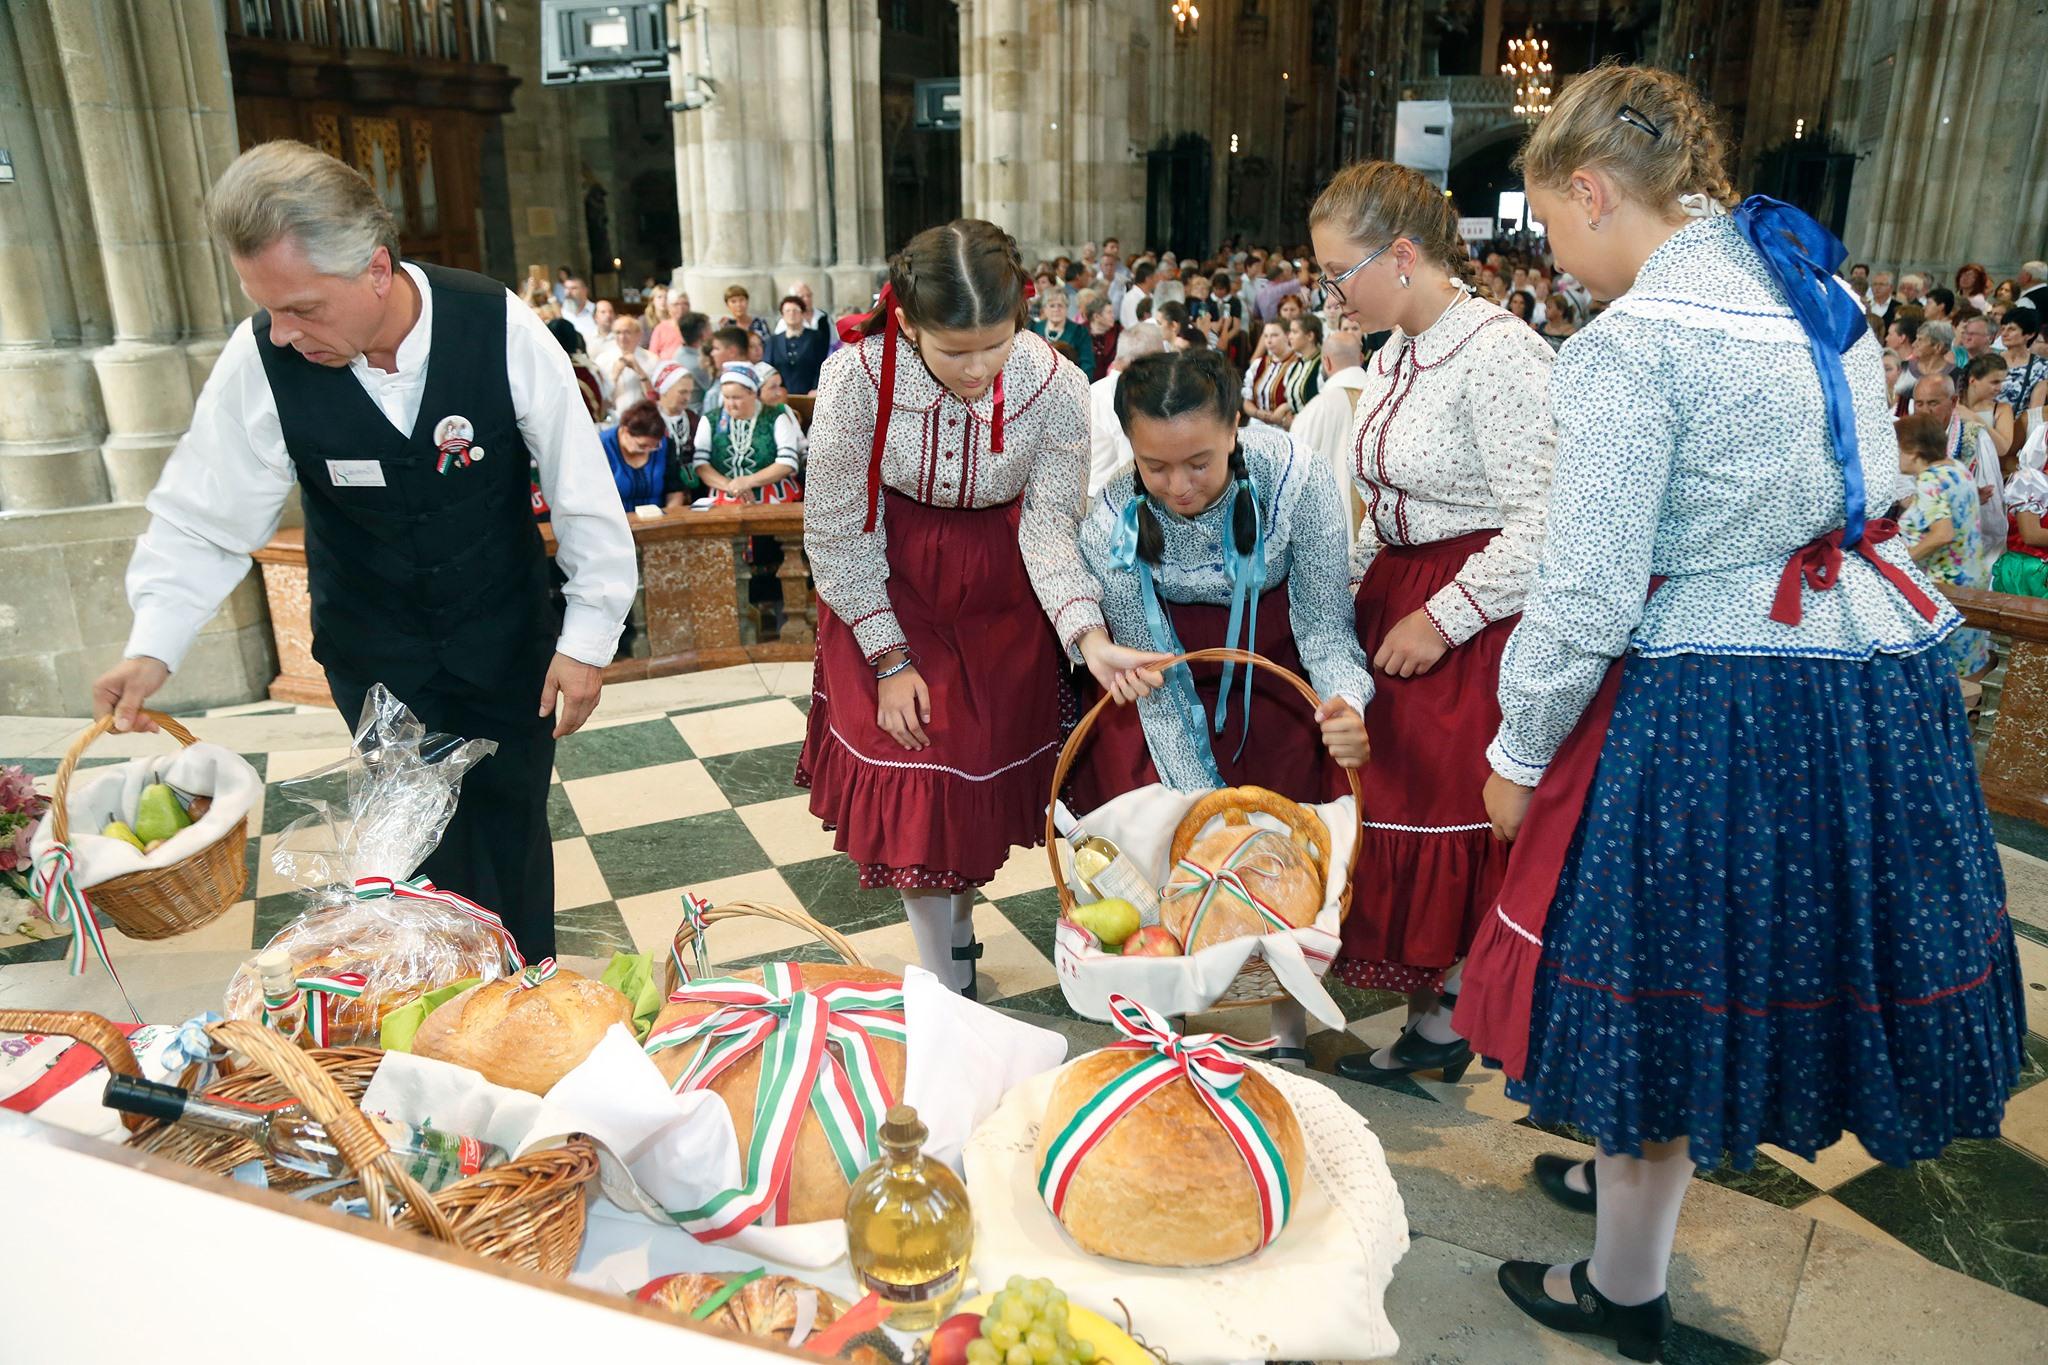 Ungarns erster König im Wiener Stephansdom gefeiert post's picture